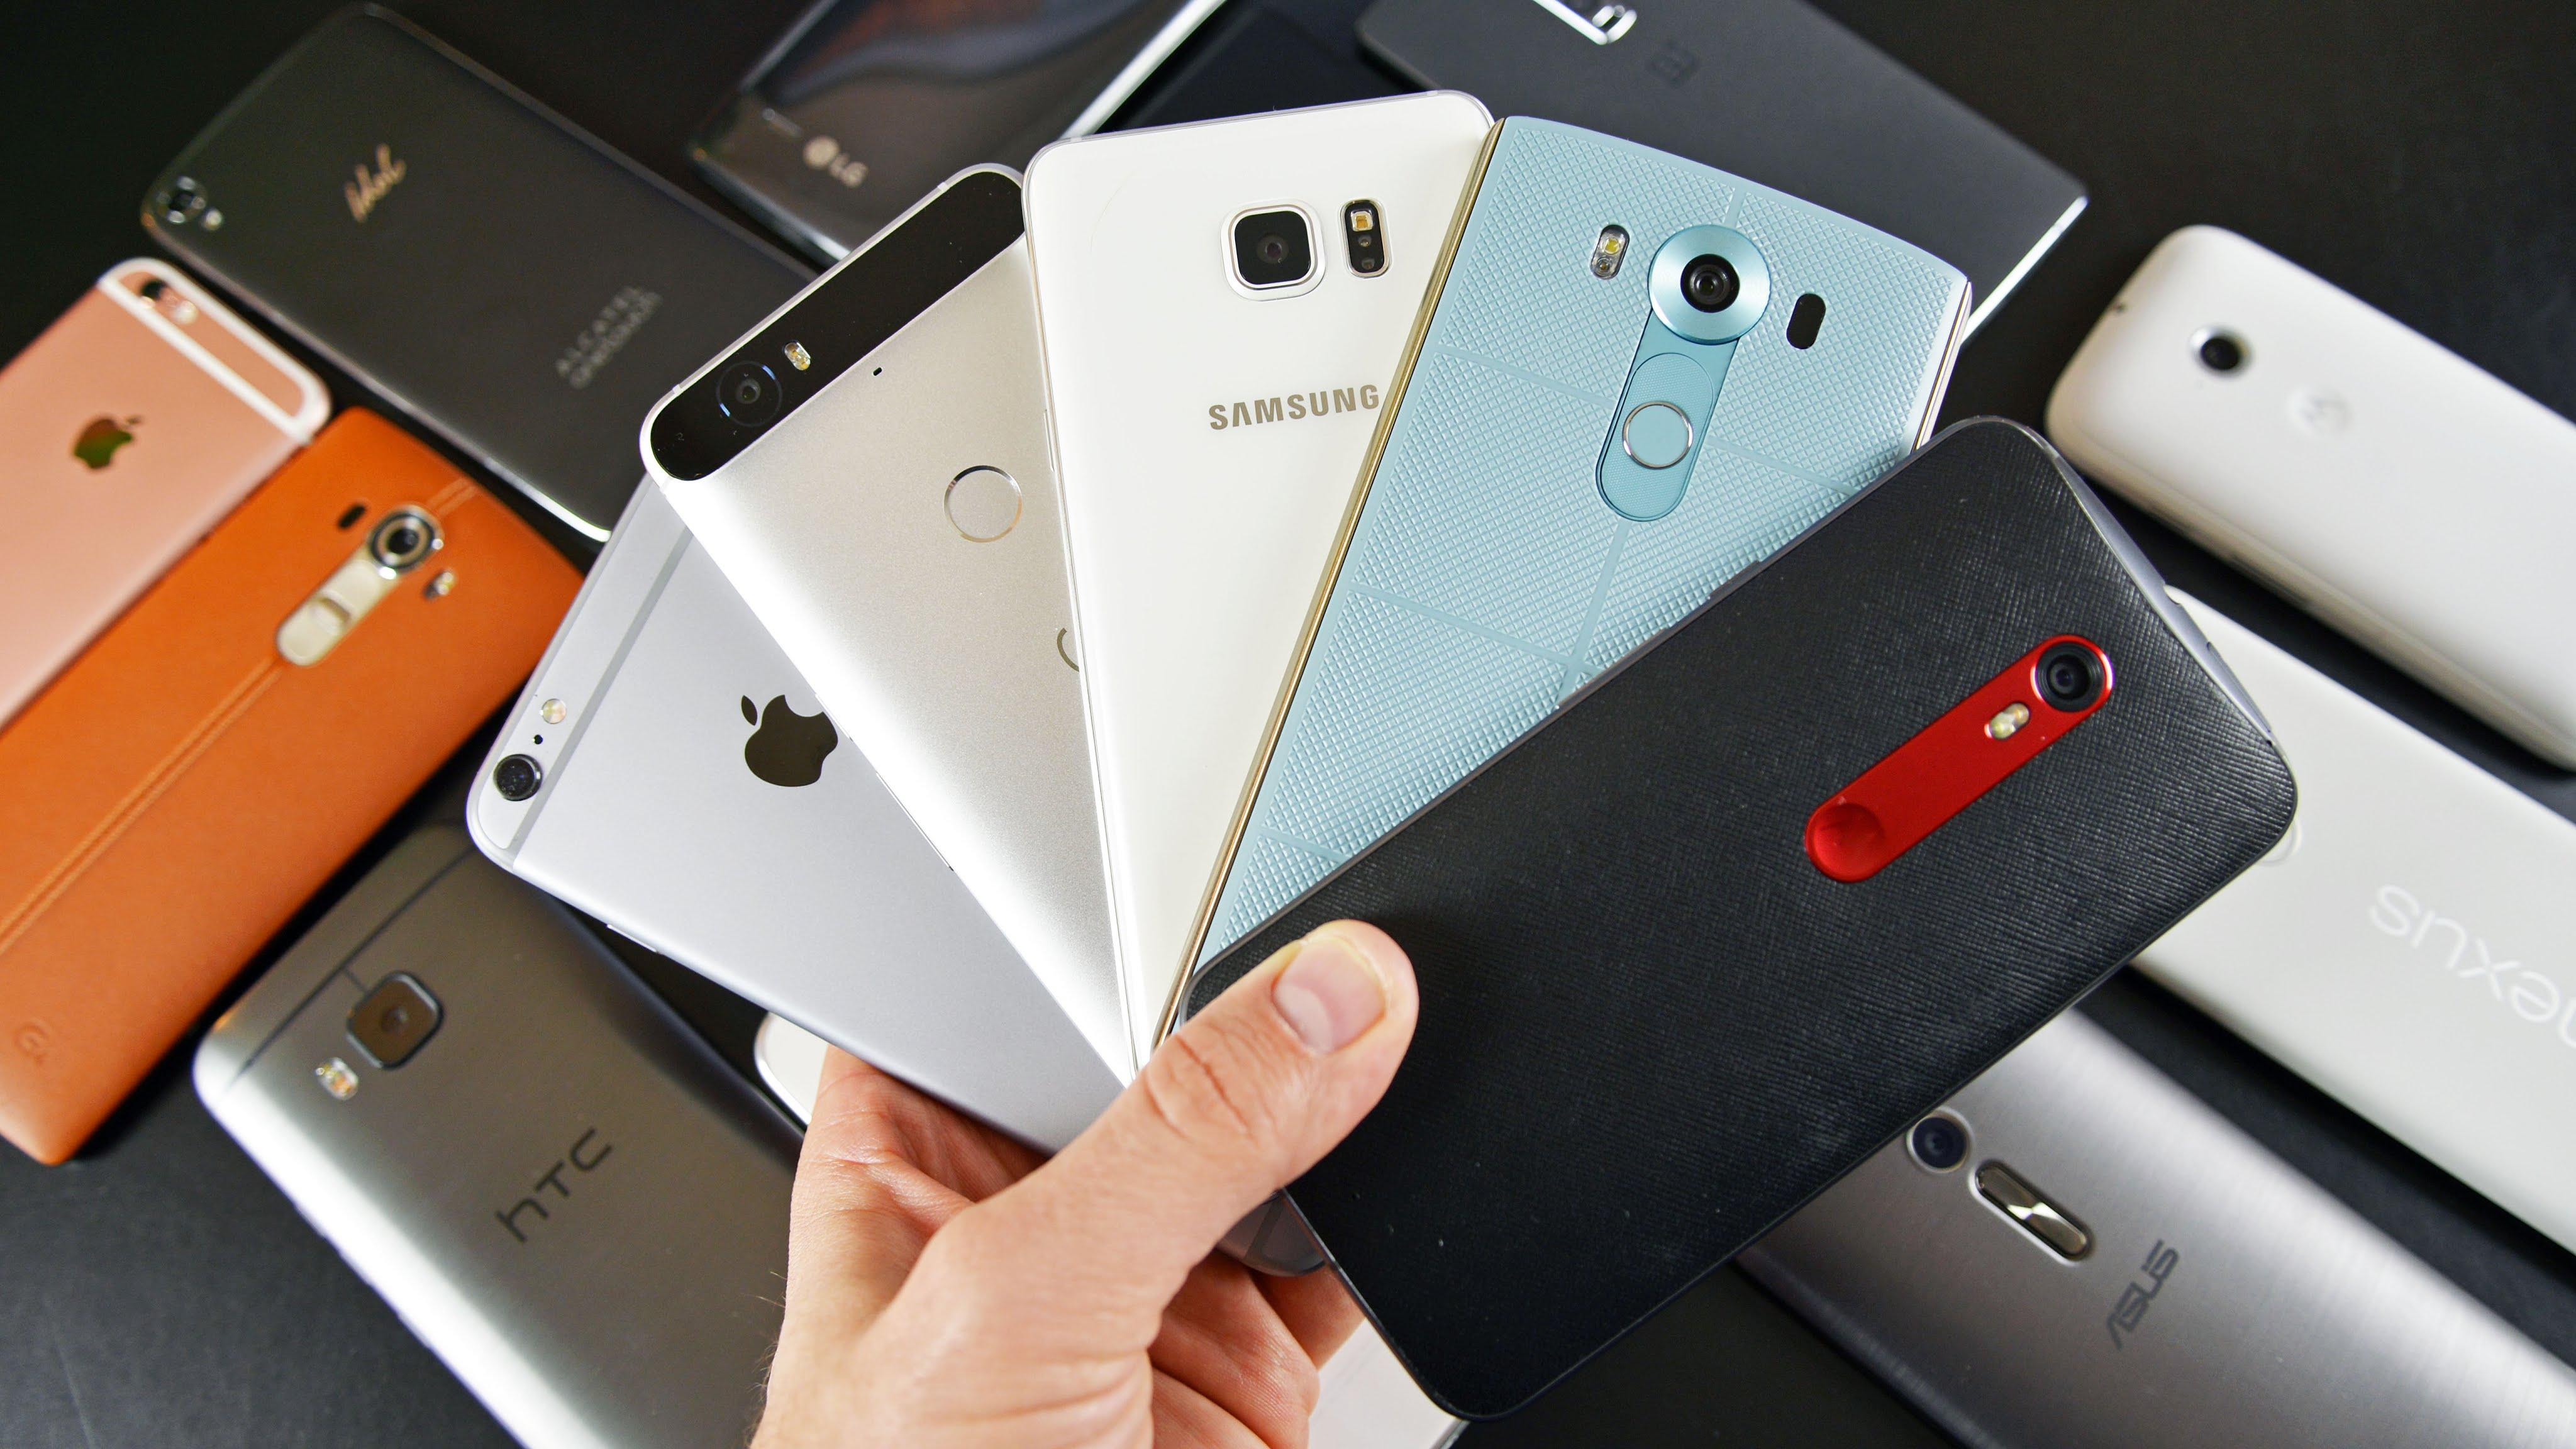 Tipy na mobily za vysvědčení